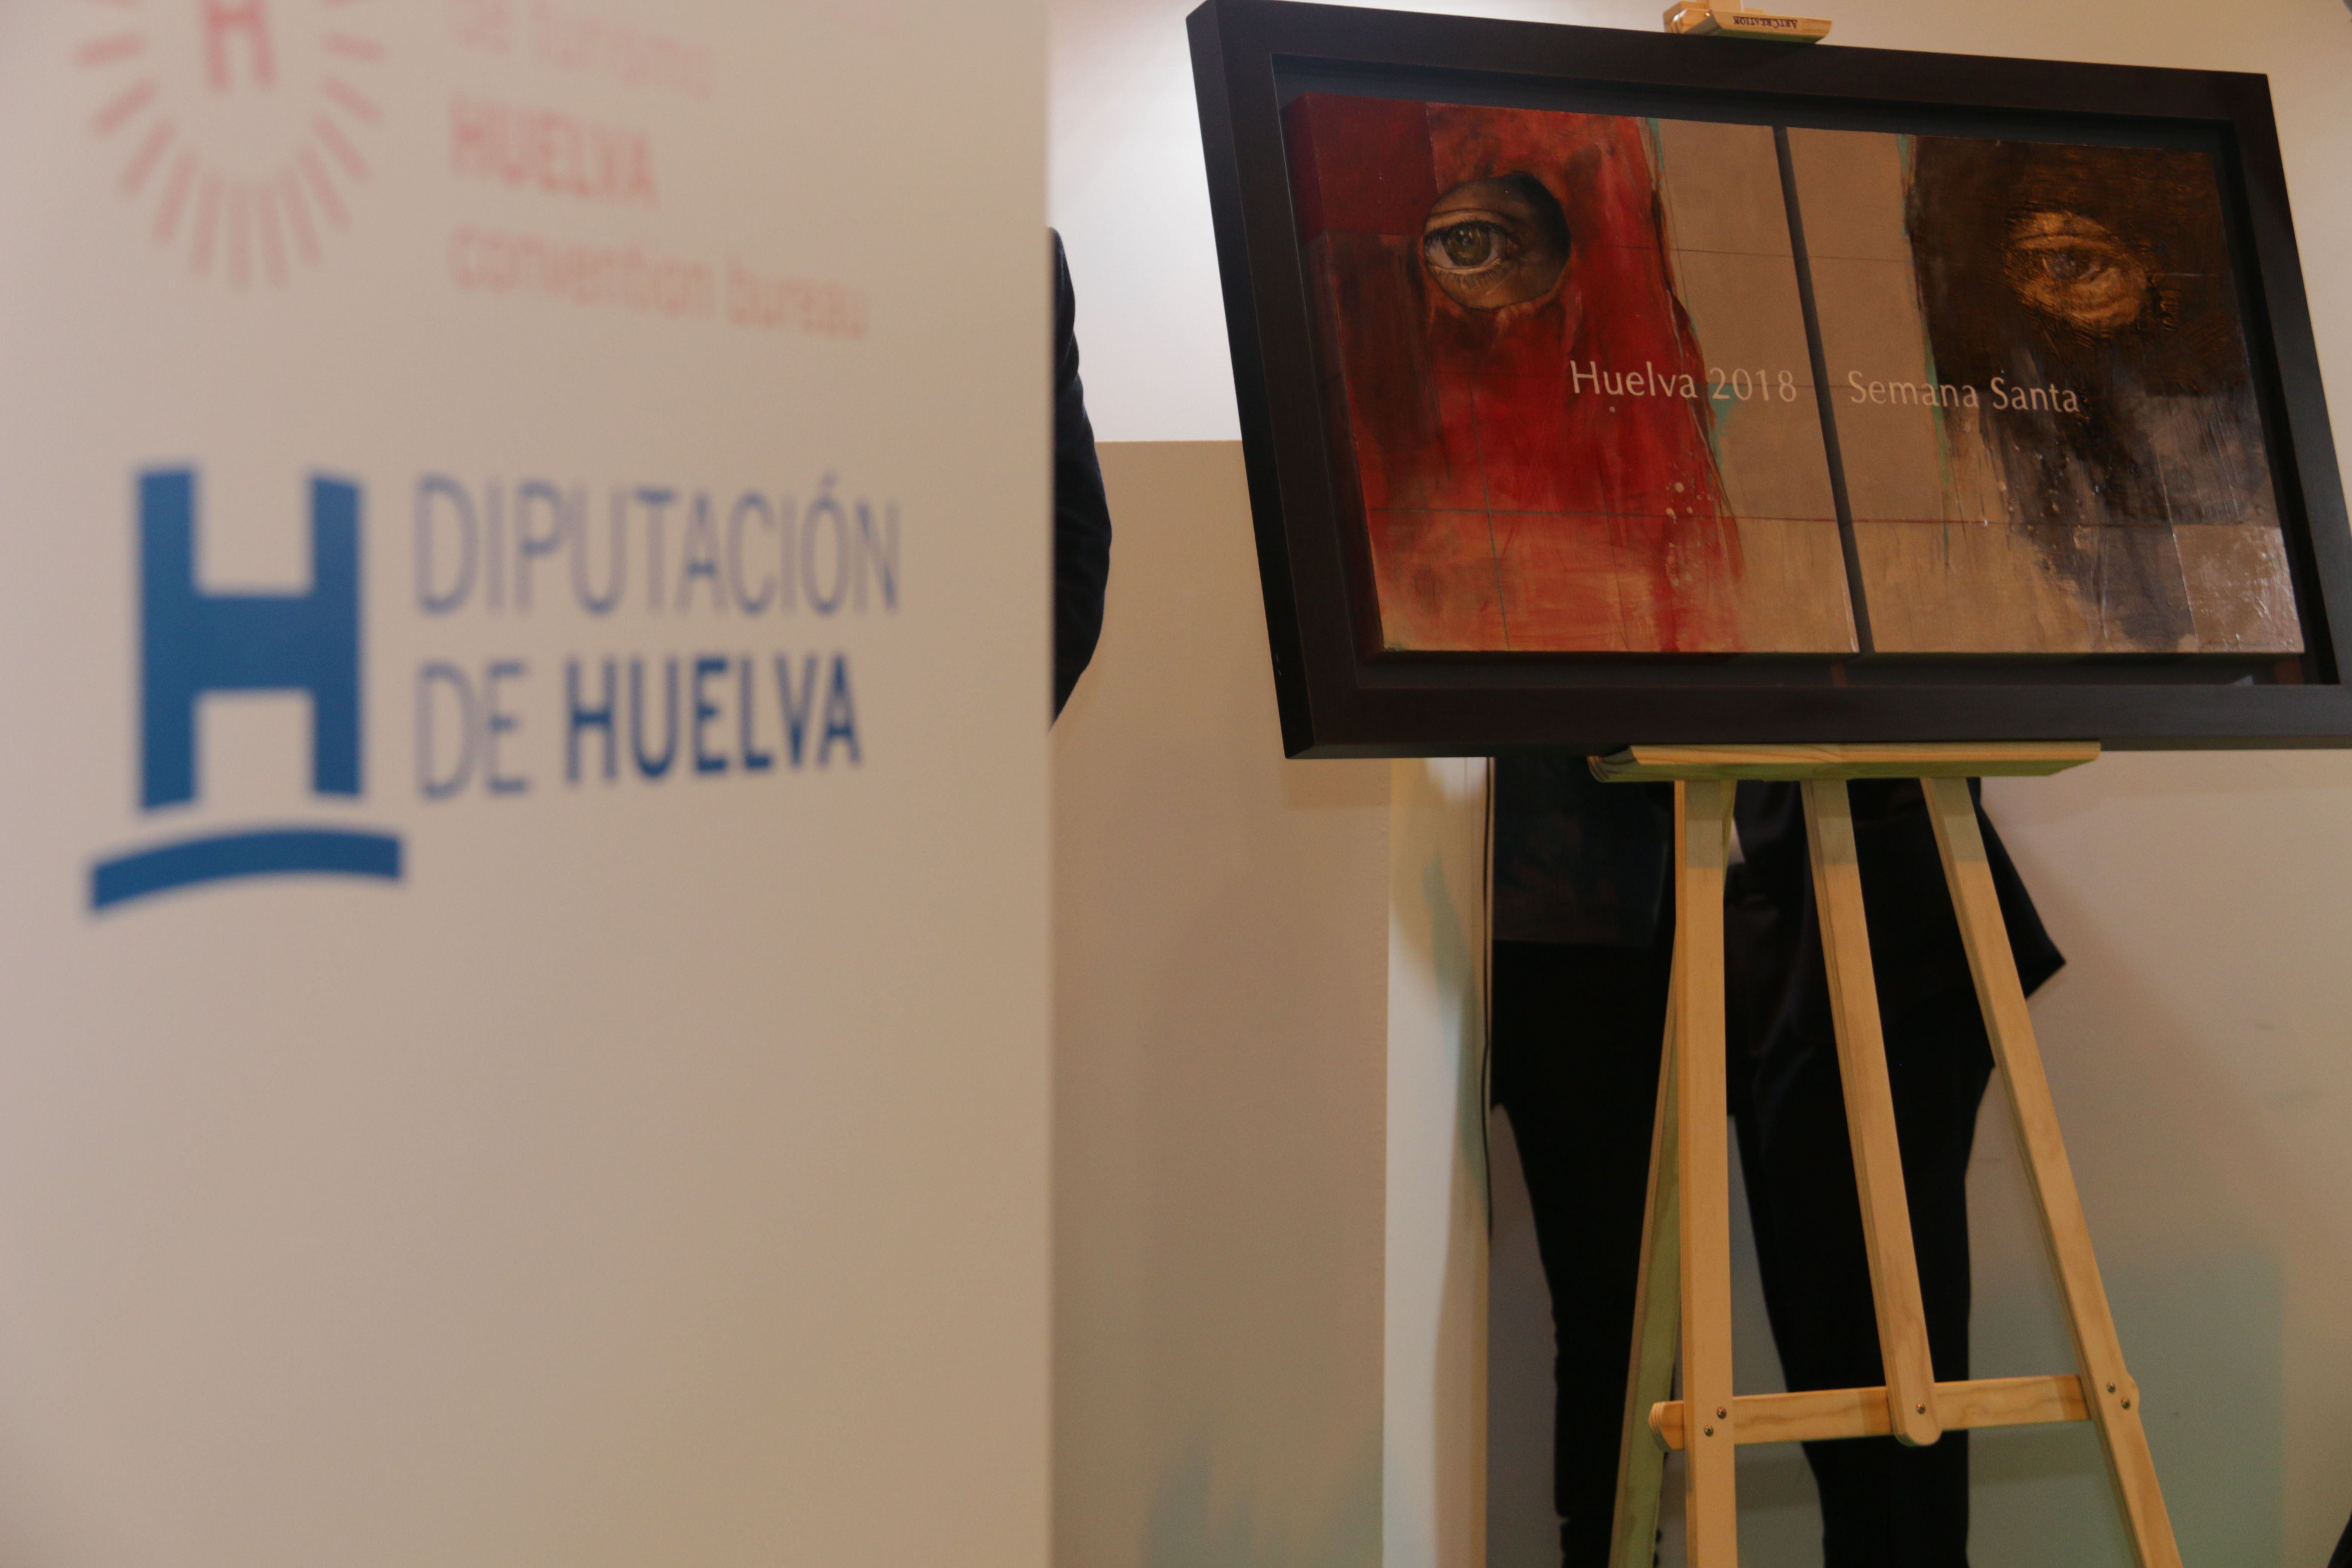 También se ha presentado el cartel de la próxima Semana Santa de Huelva